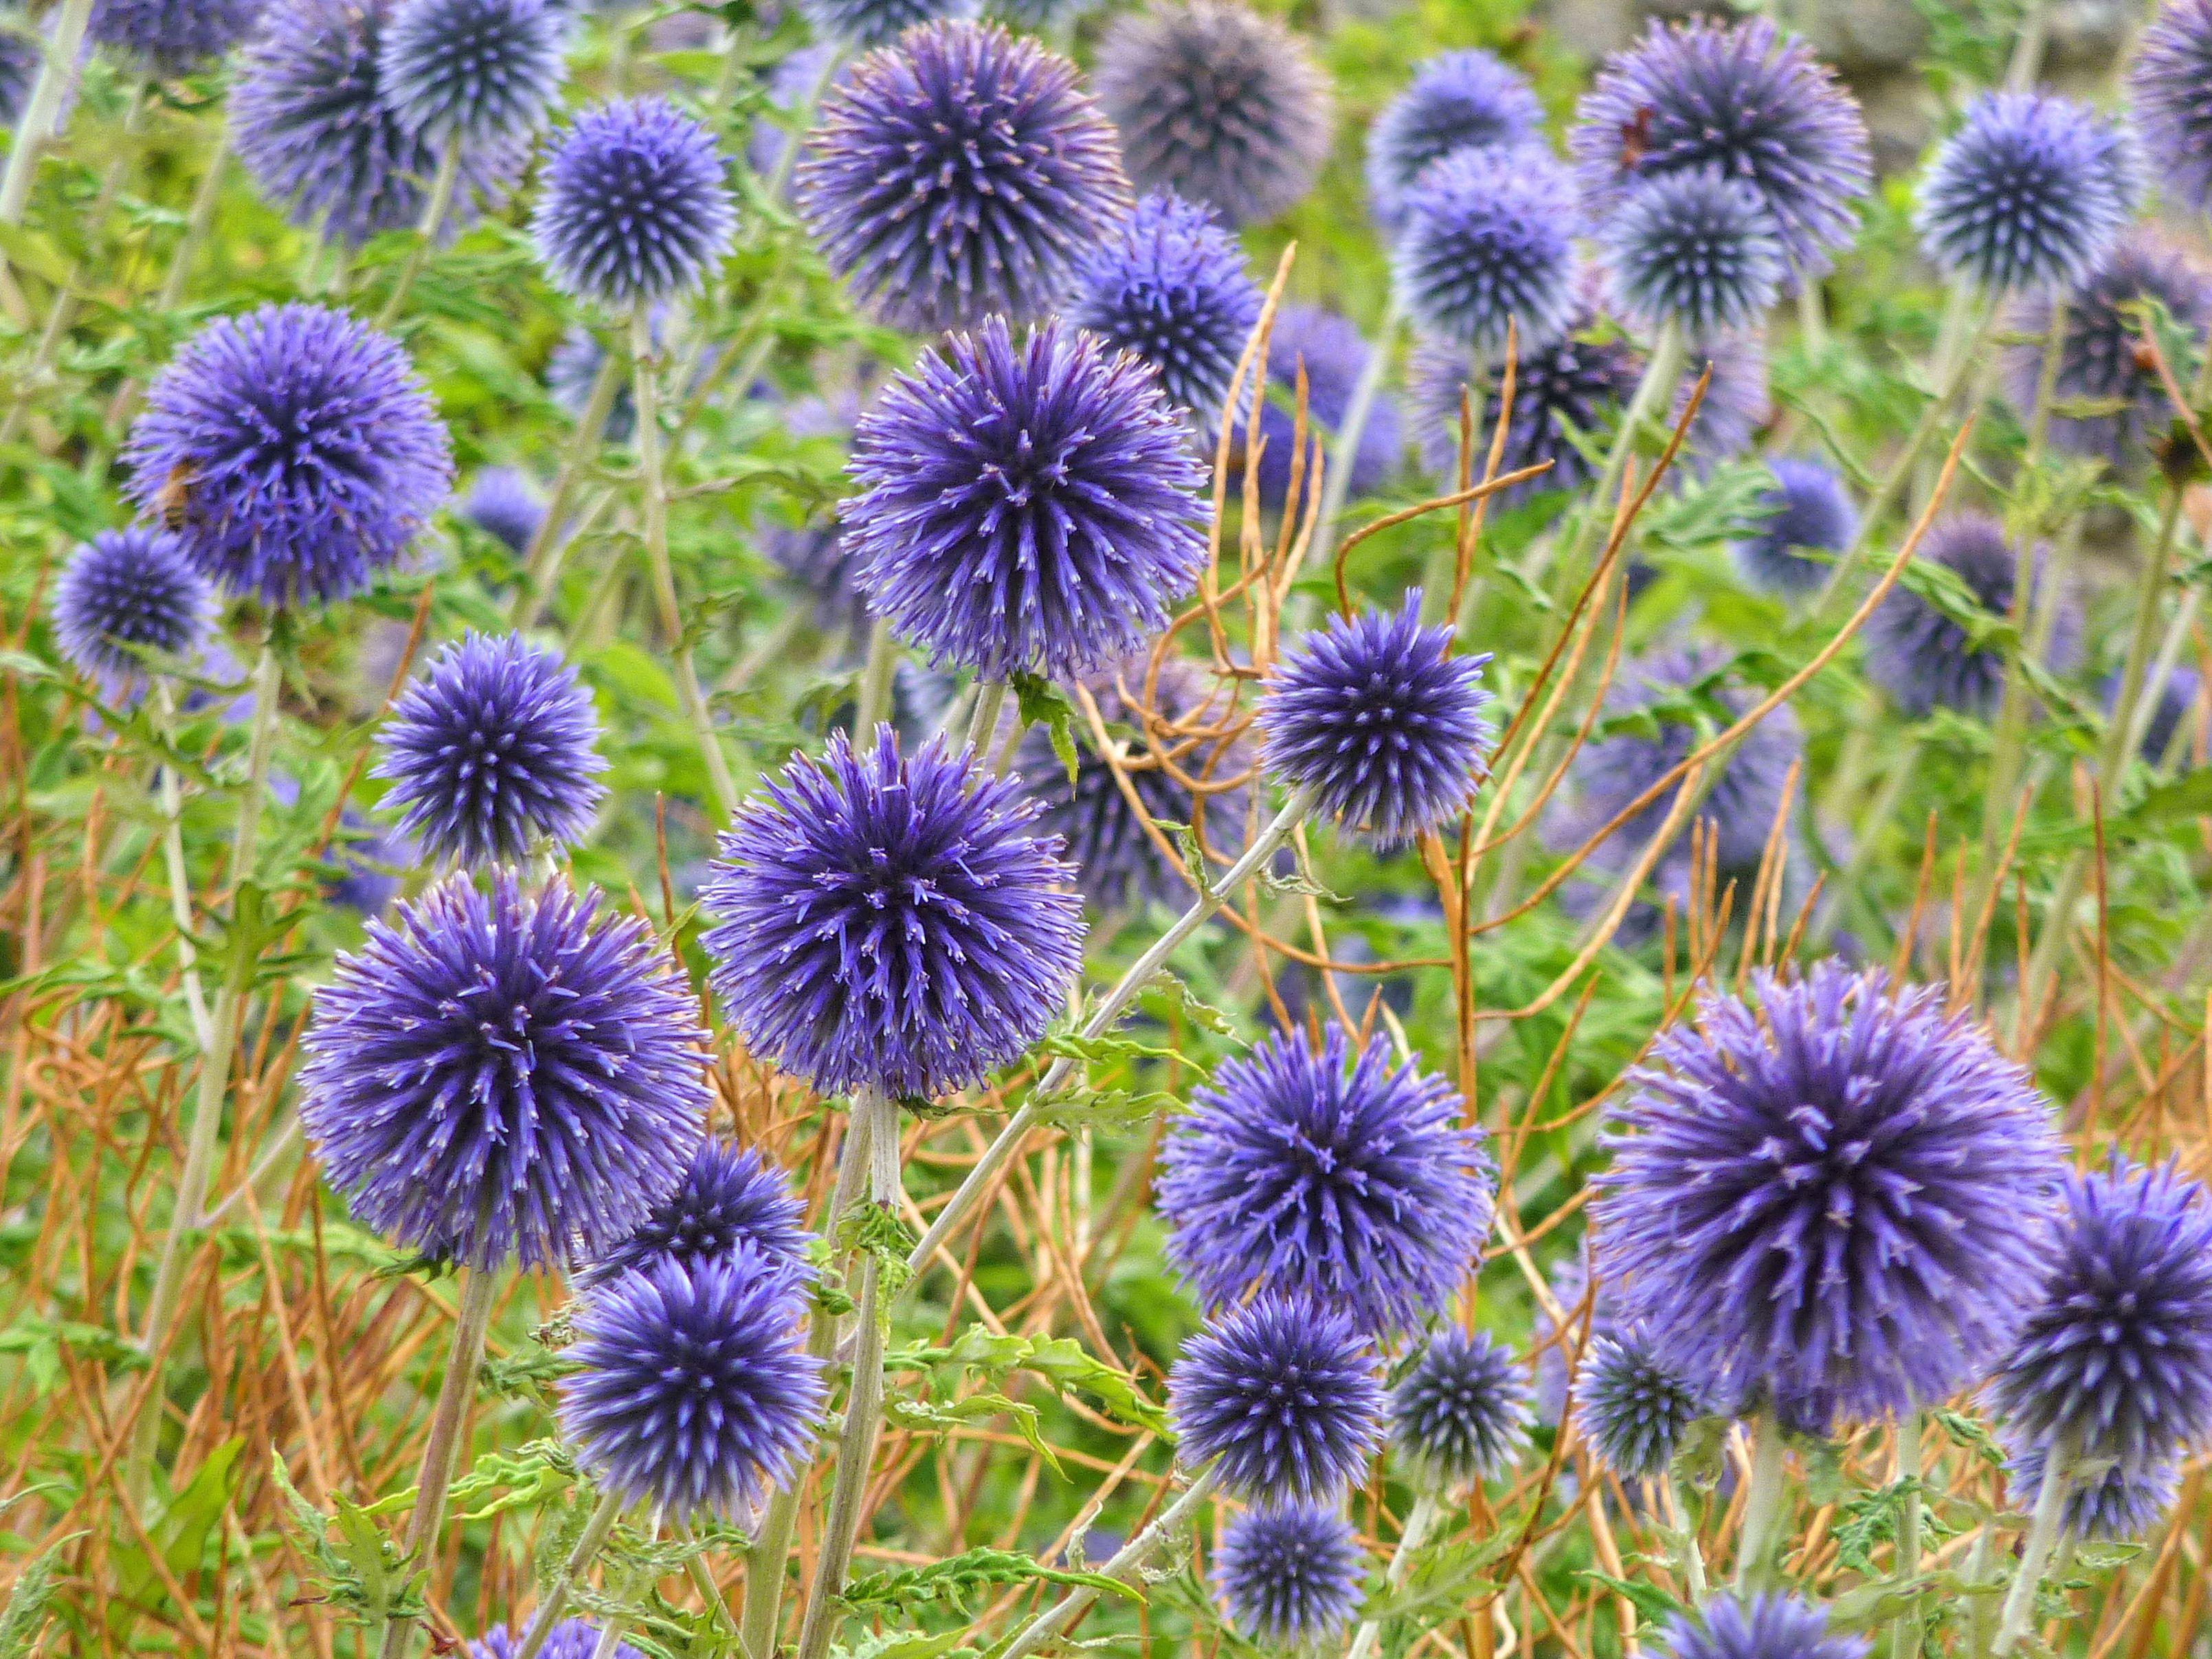 flores de cardo de globo